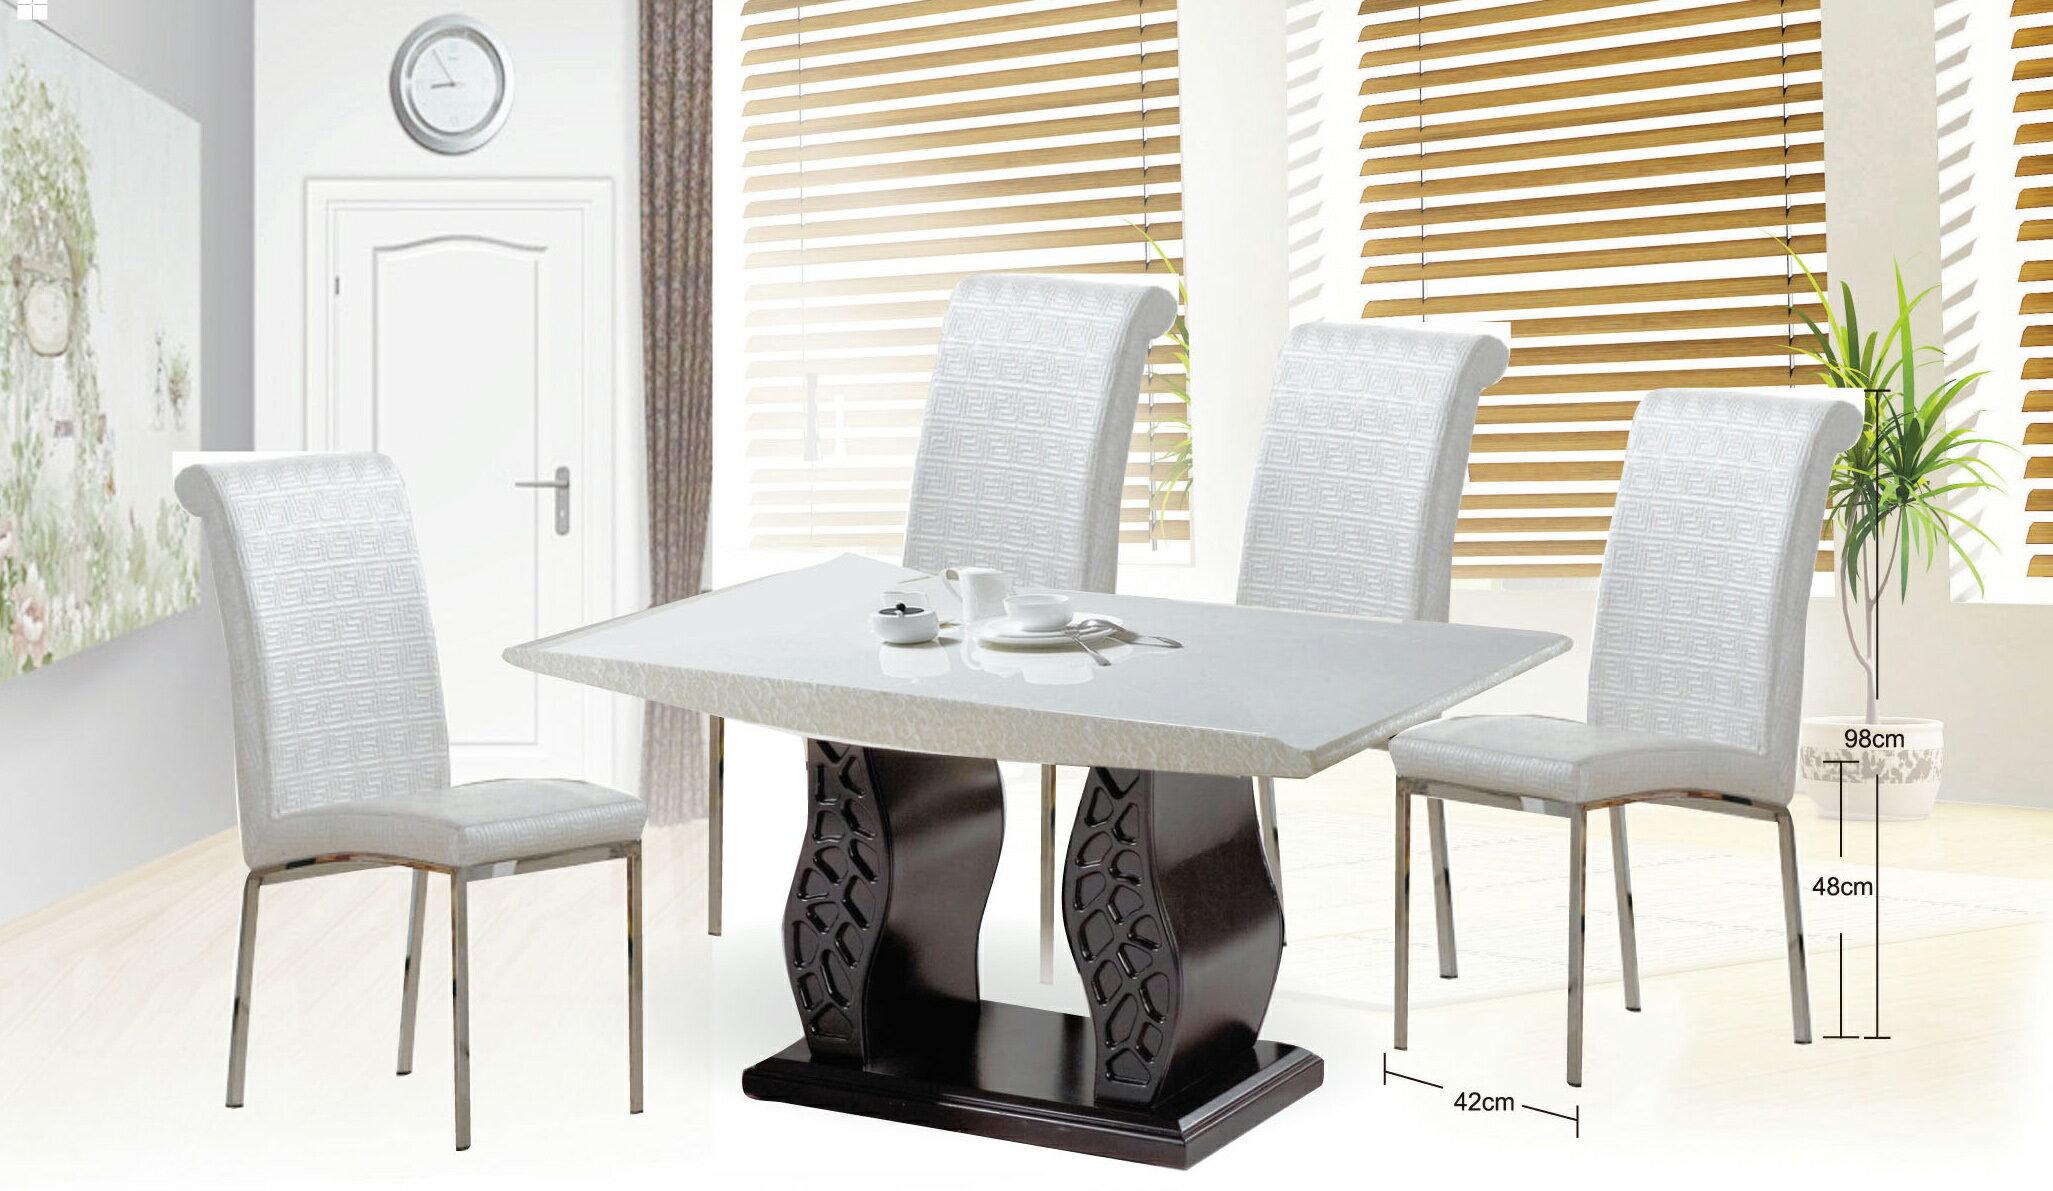 【尚品傢俱】JJ-6504 不鏽鋼餐椅